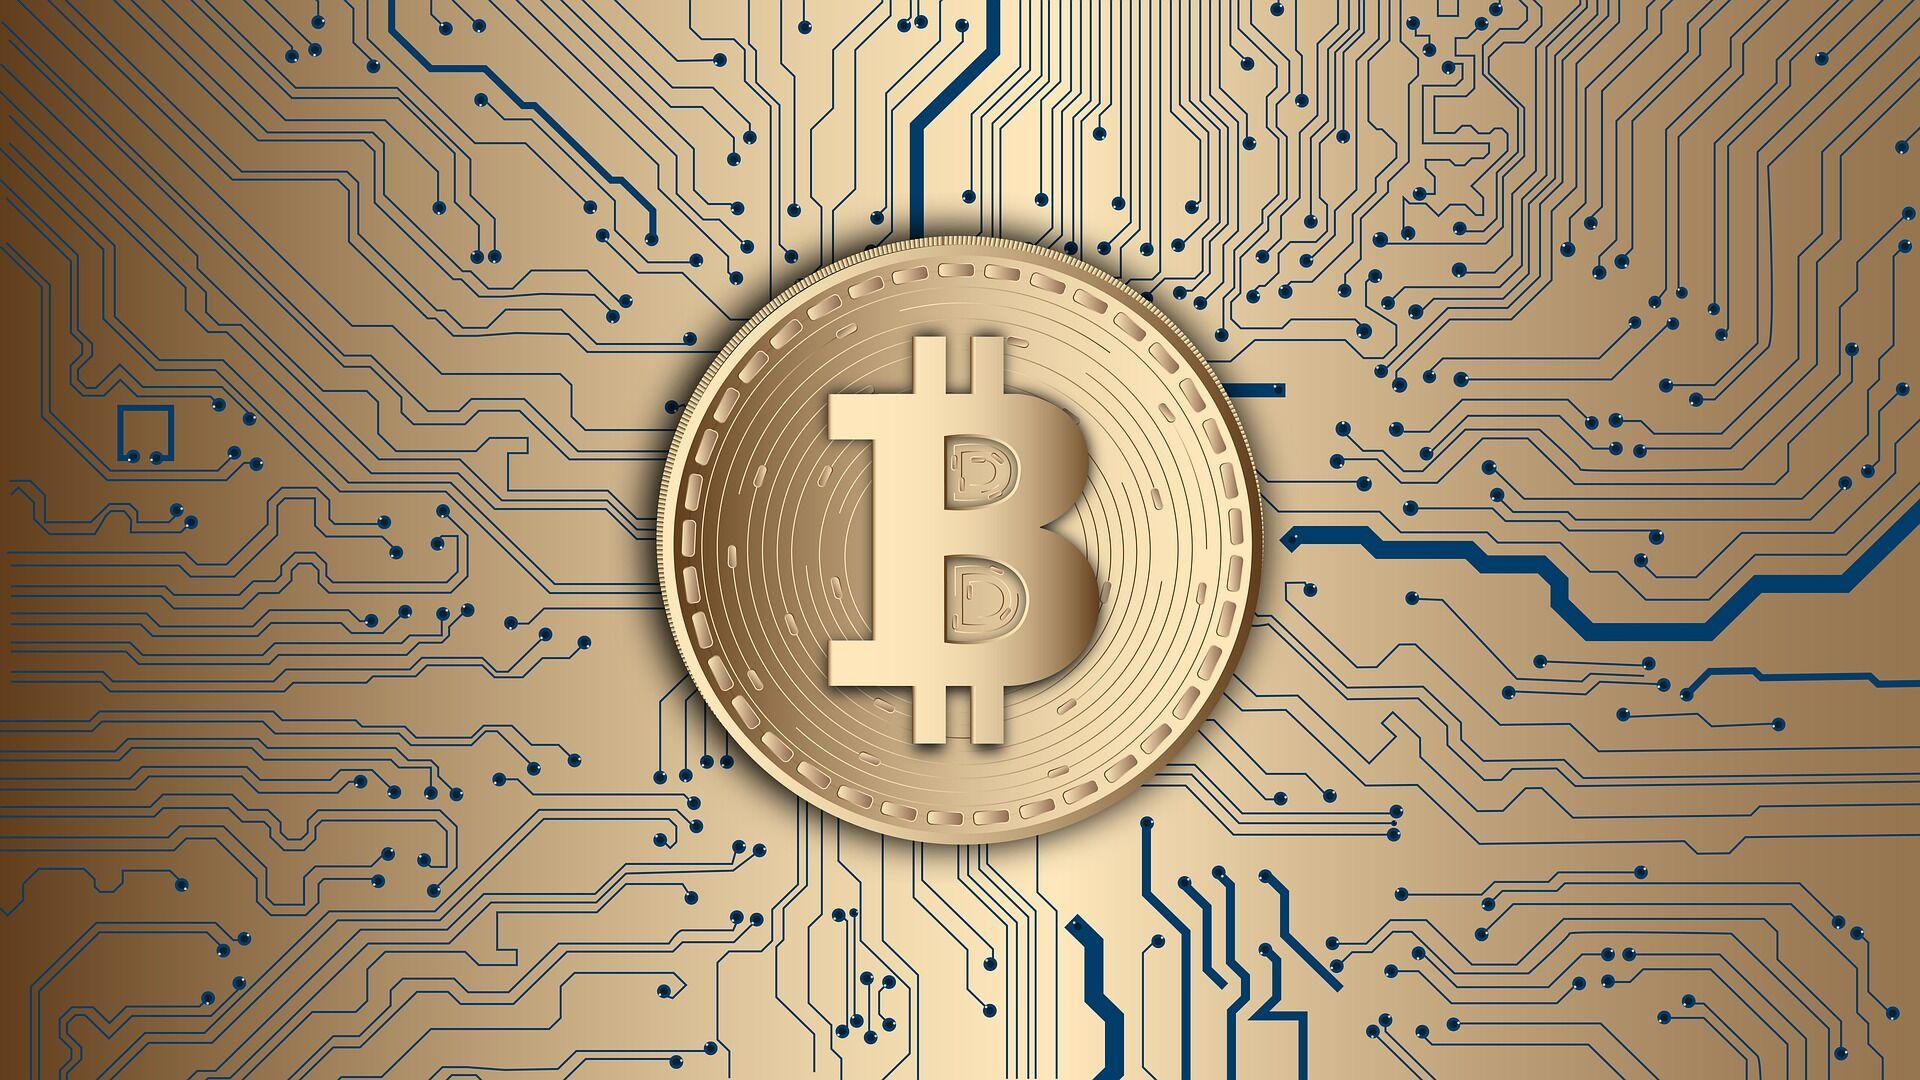 cc la bitcoin)